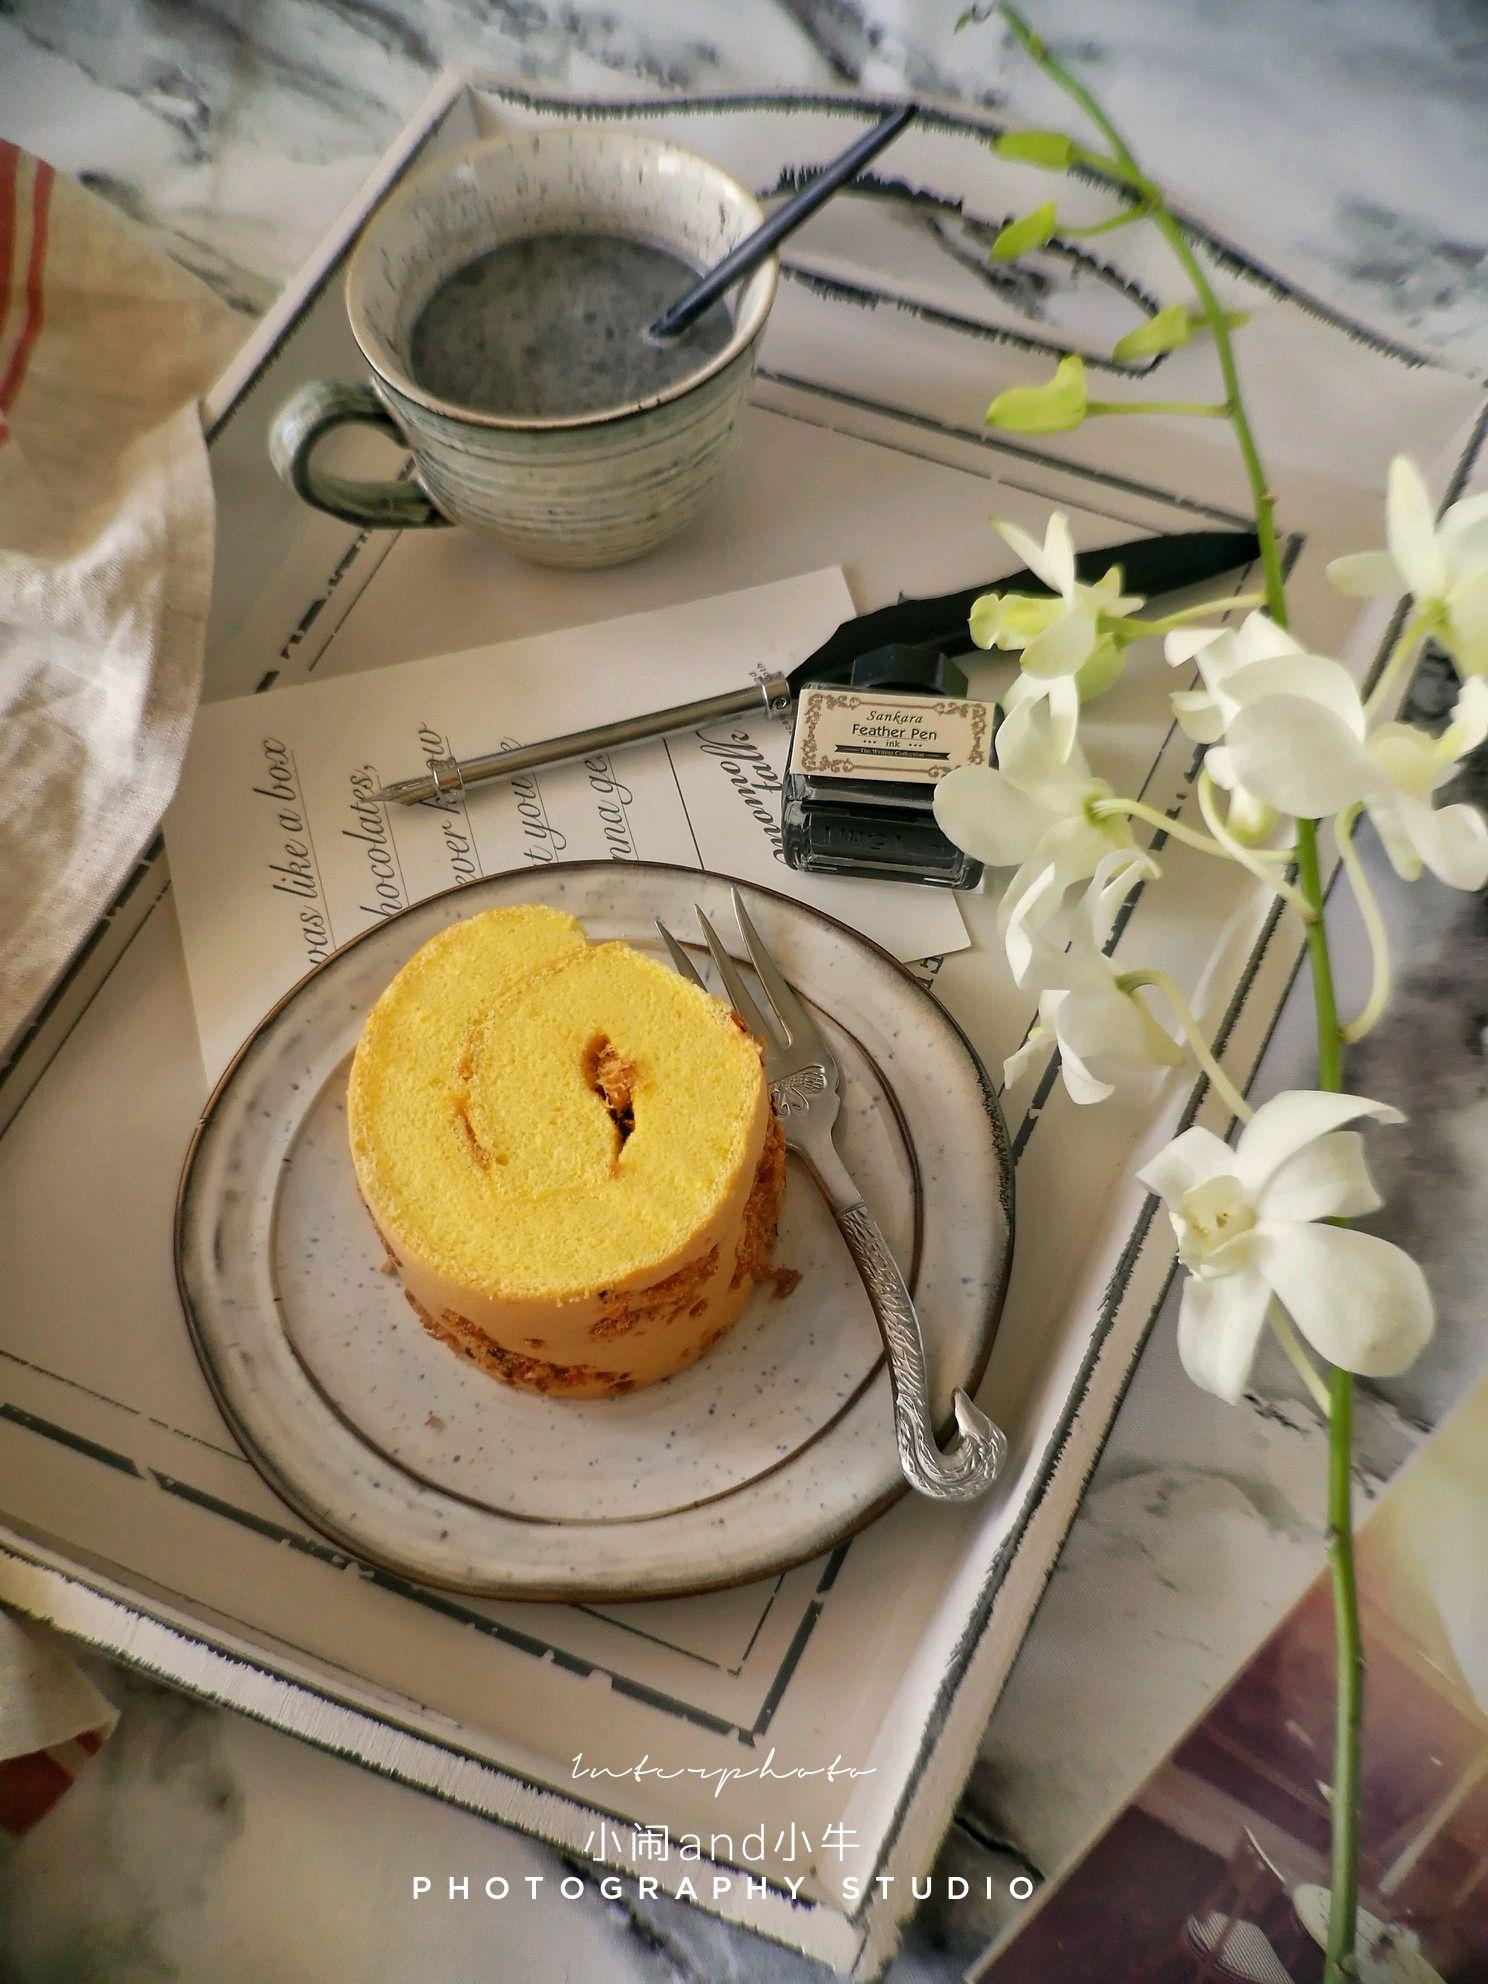 海苔杯子蛋糕卷350毫升的肉松冲燕麦片够大吗图片